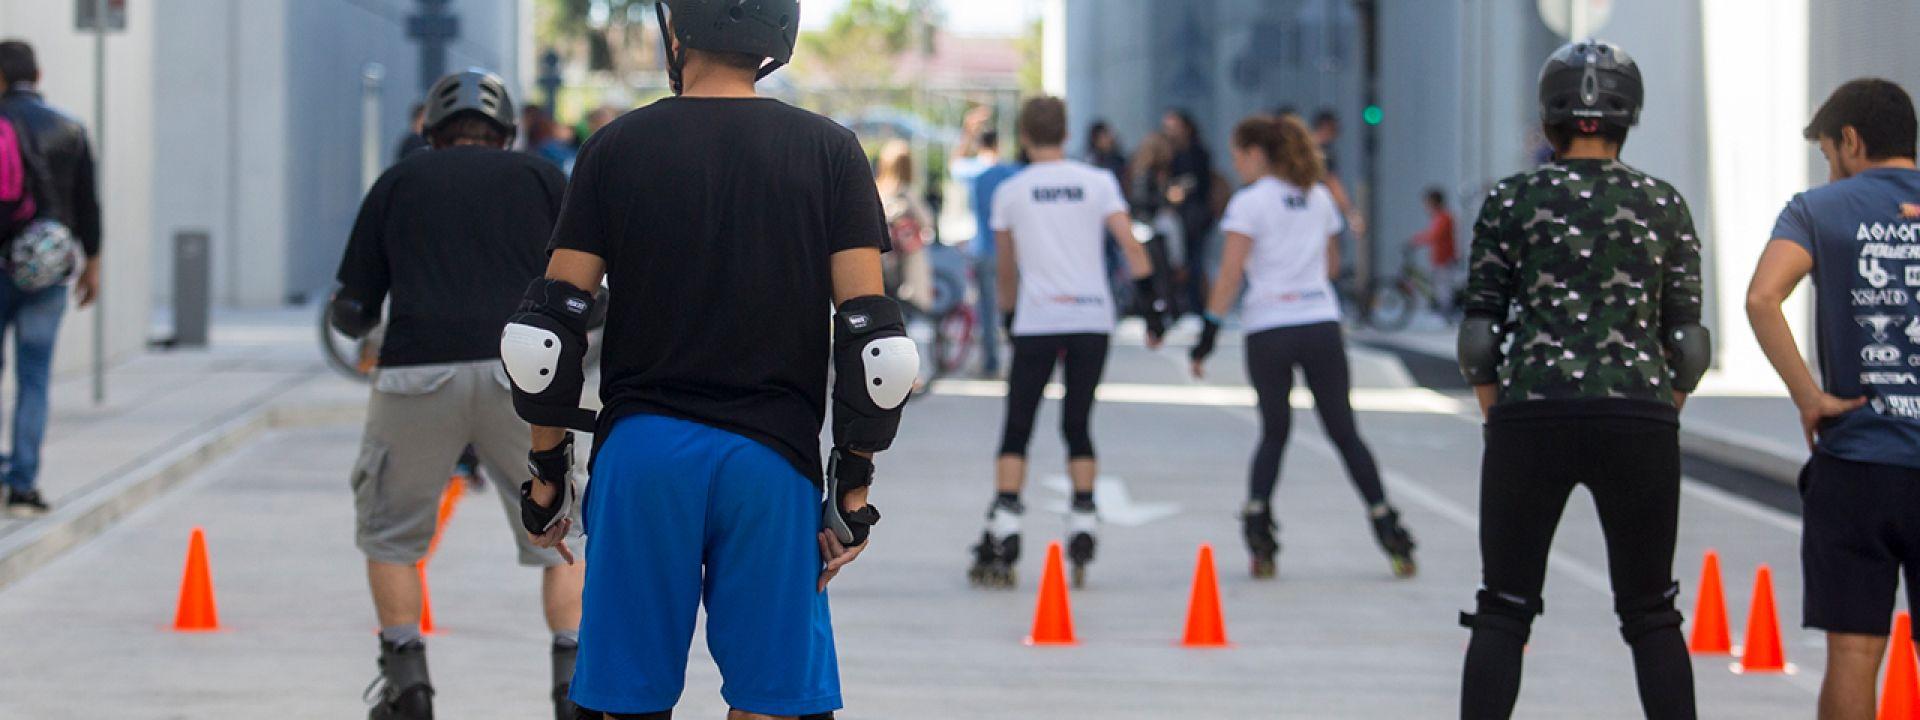 Φωτογραφία από τη δραστηριότητα Roller Skates